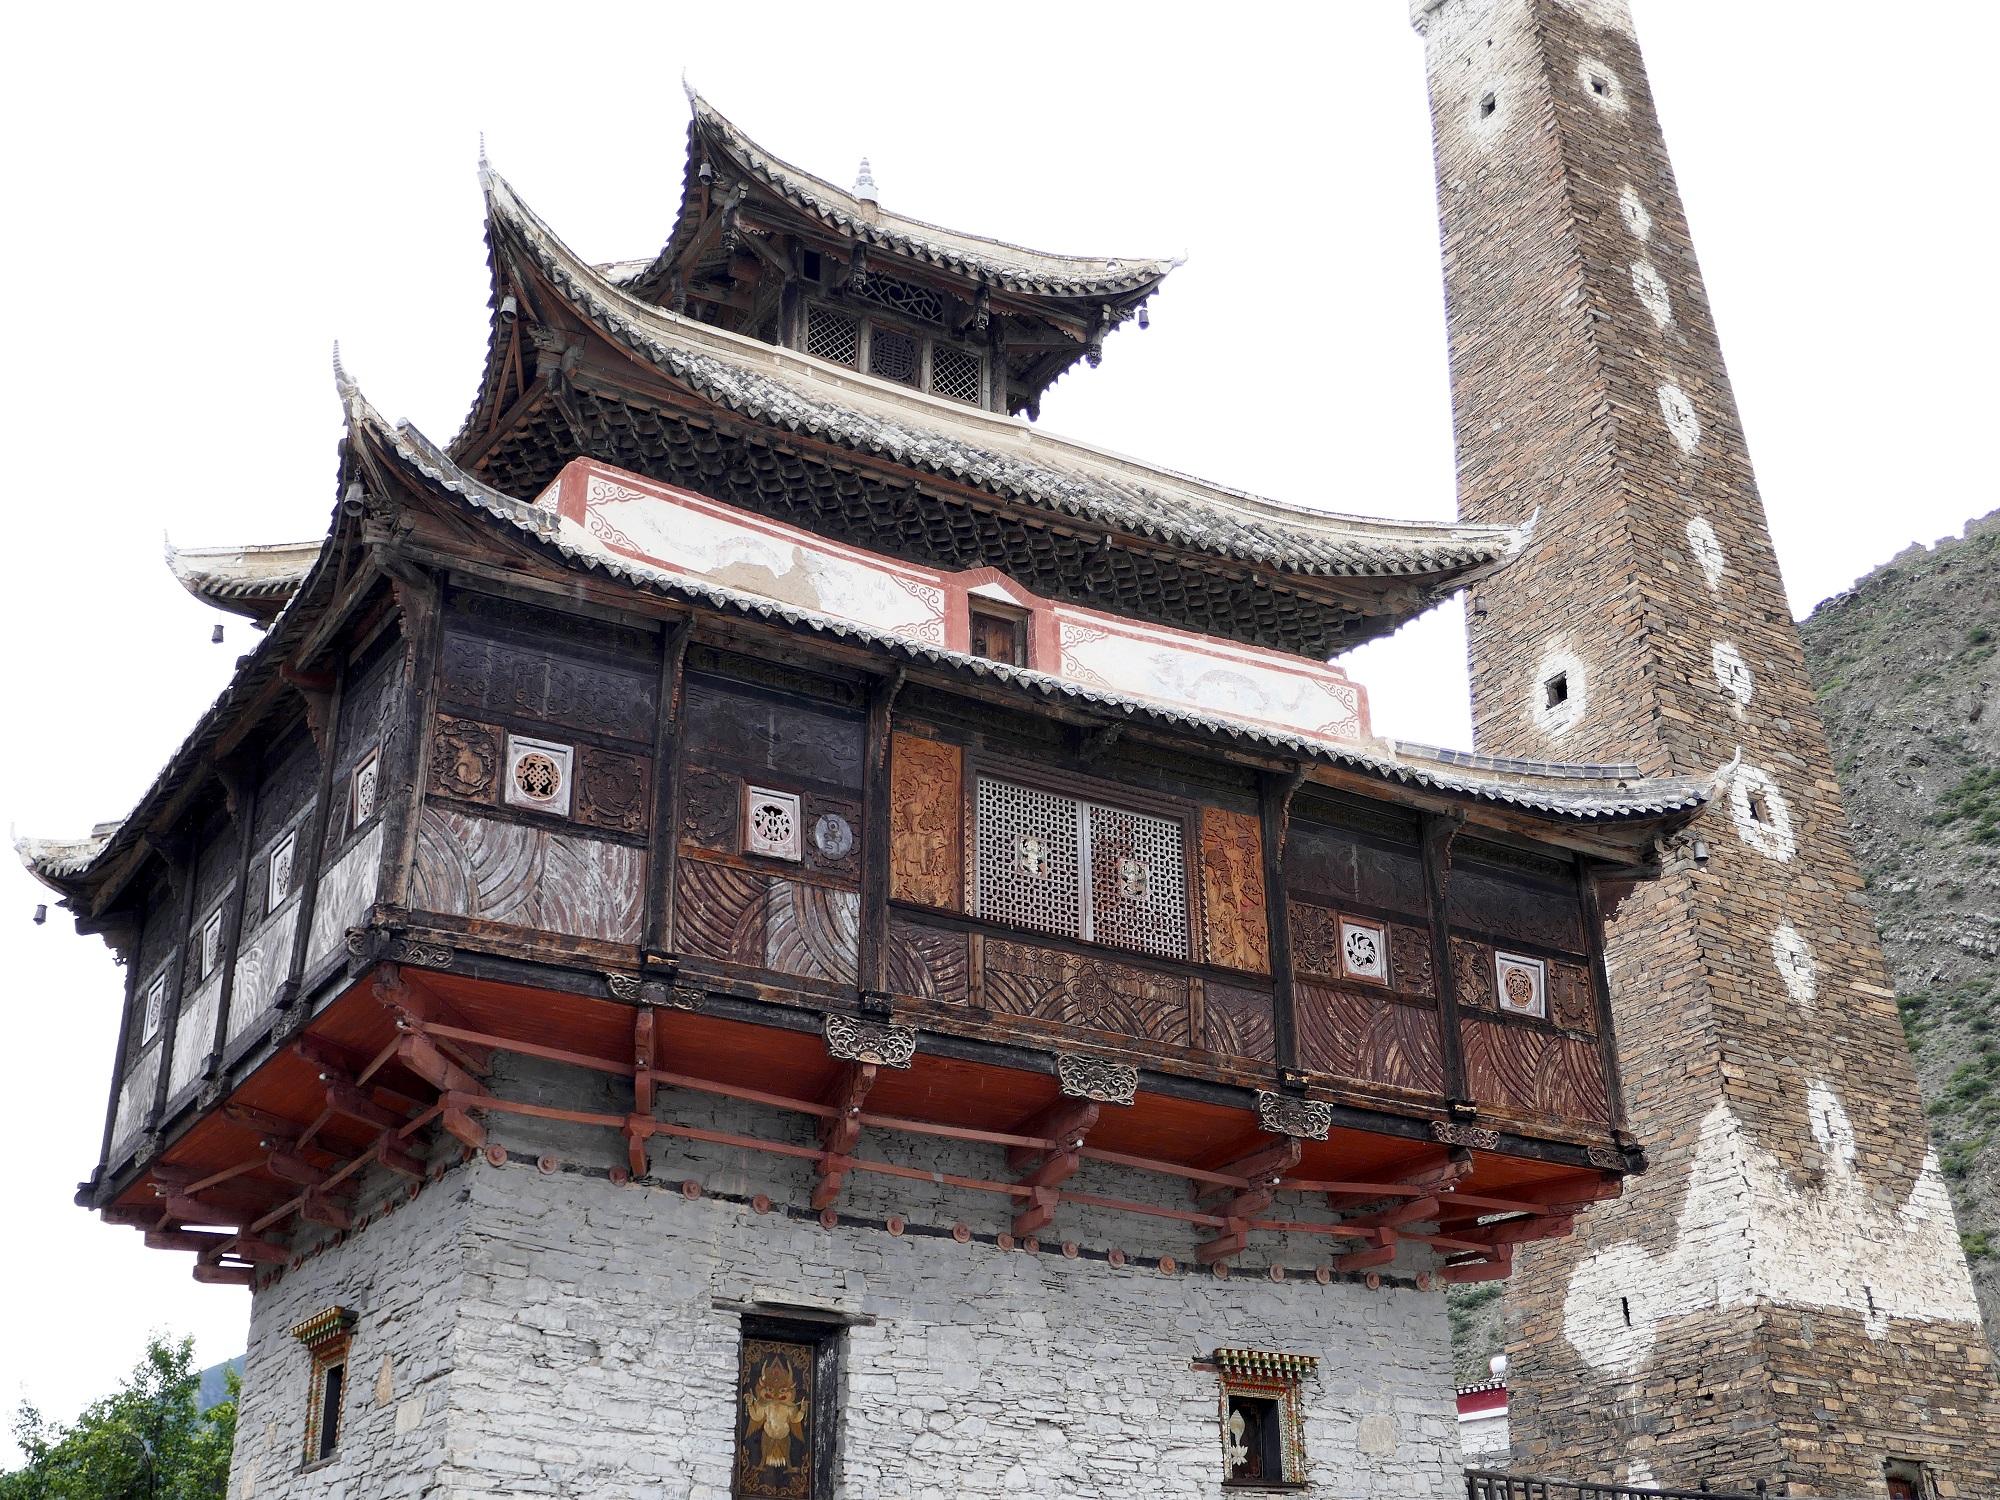 Maison d'architecture chinoise surplombée par une des impressionnantes tours de Damba – village de Tronang.